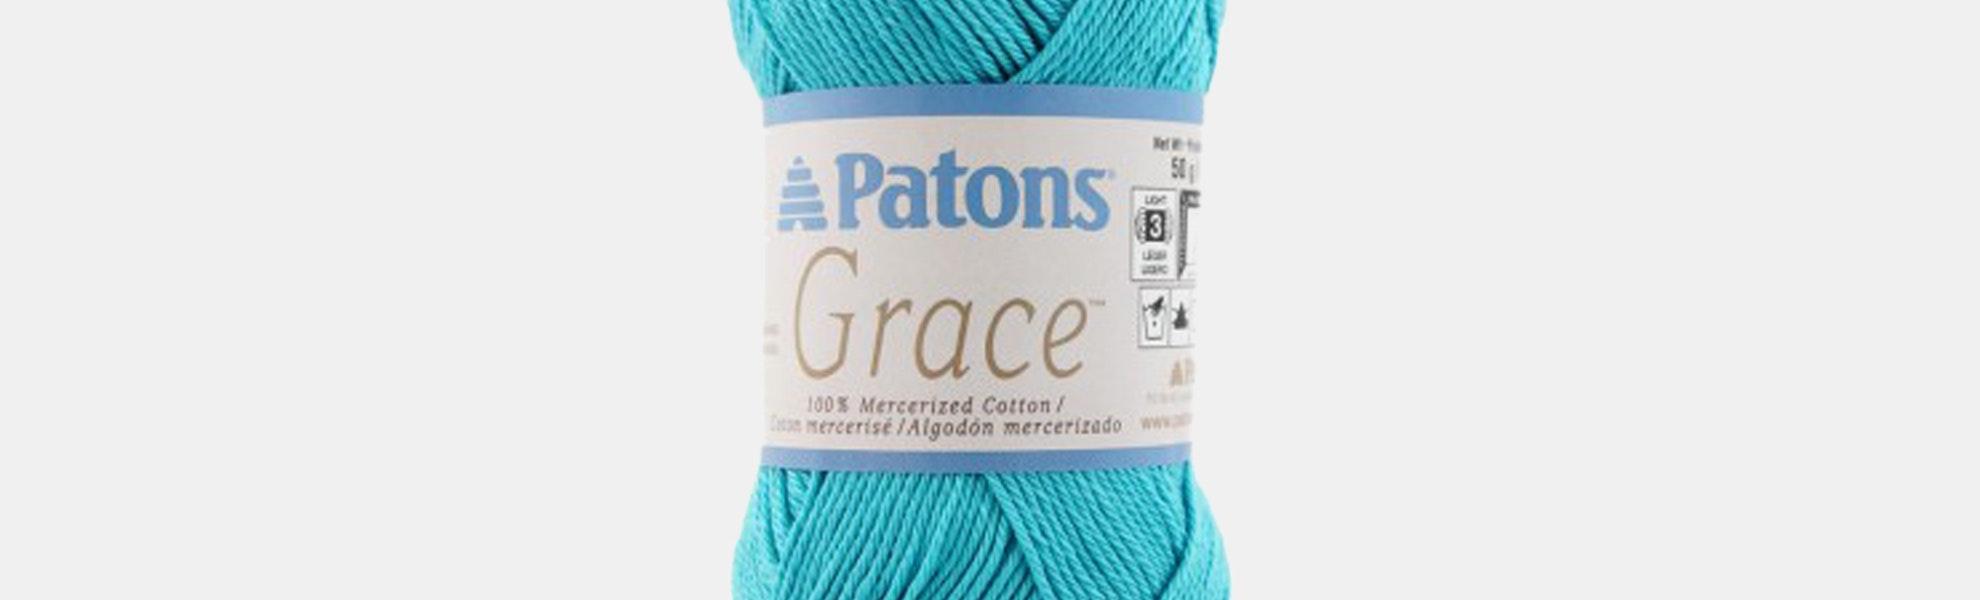 Grace Yarn by Patons